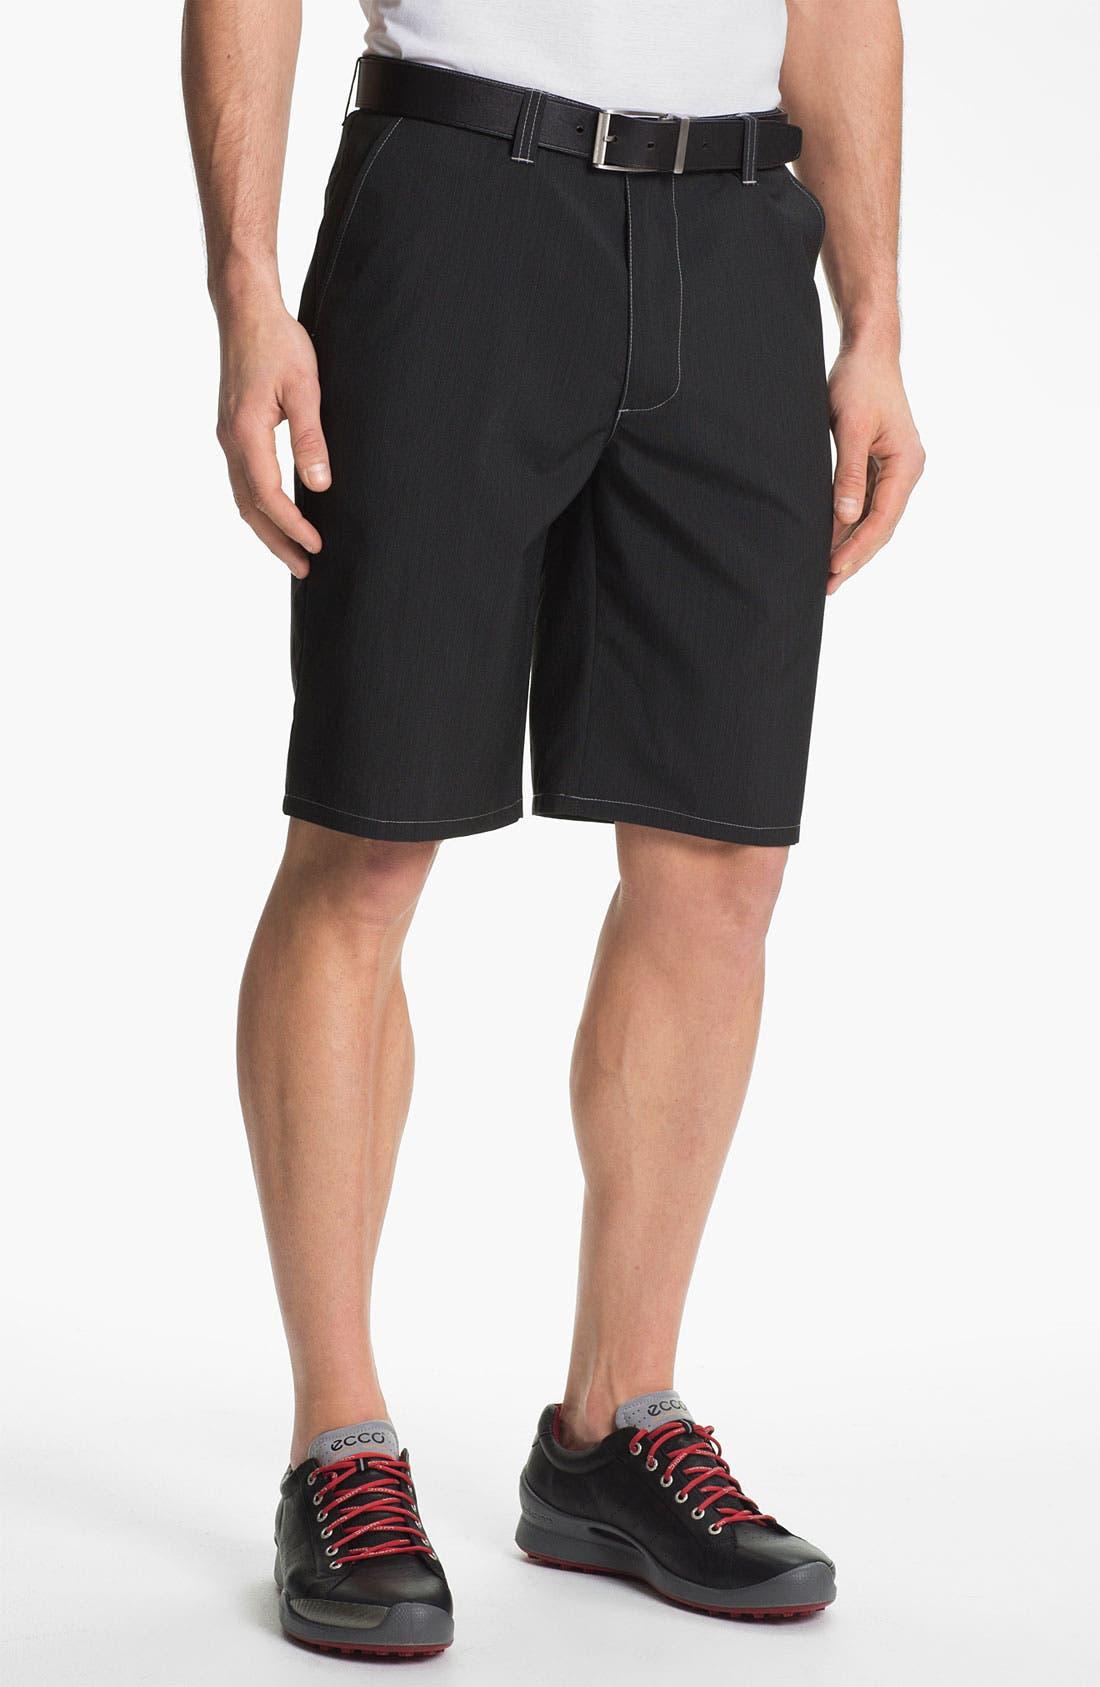 Alternate Image 1 Selected - Travis Mathew 'Extinguisher' Golf Shorts